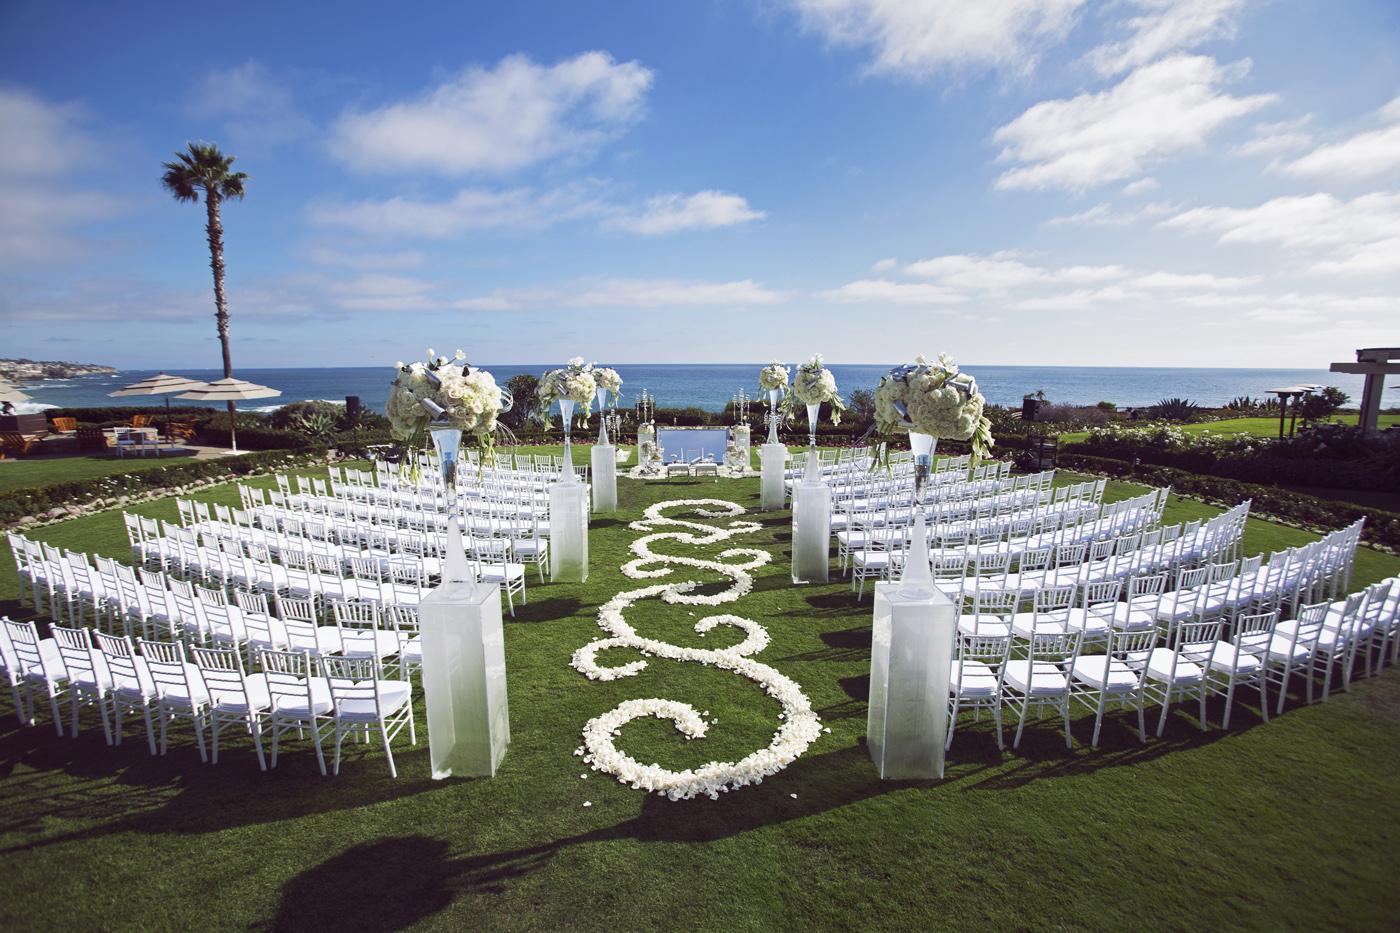 034_DukePhotography_DukeImages_Wedding_Details.jpg